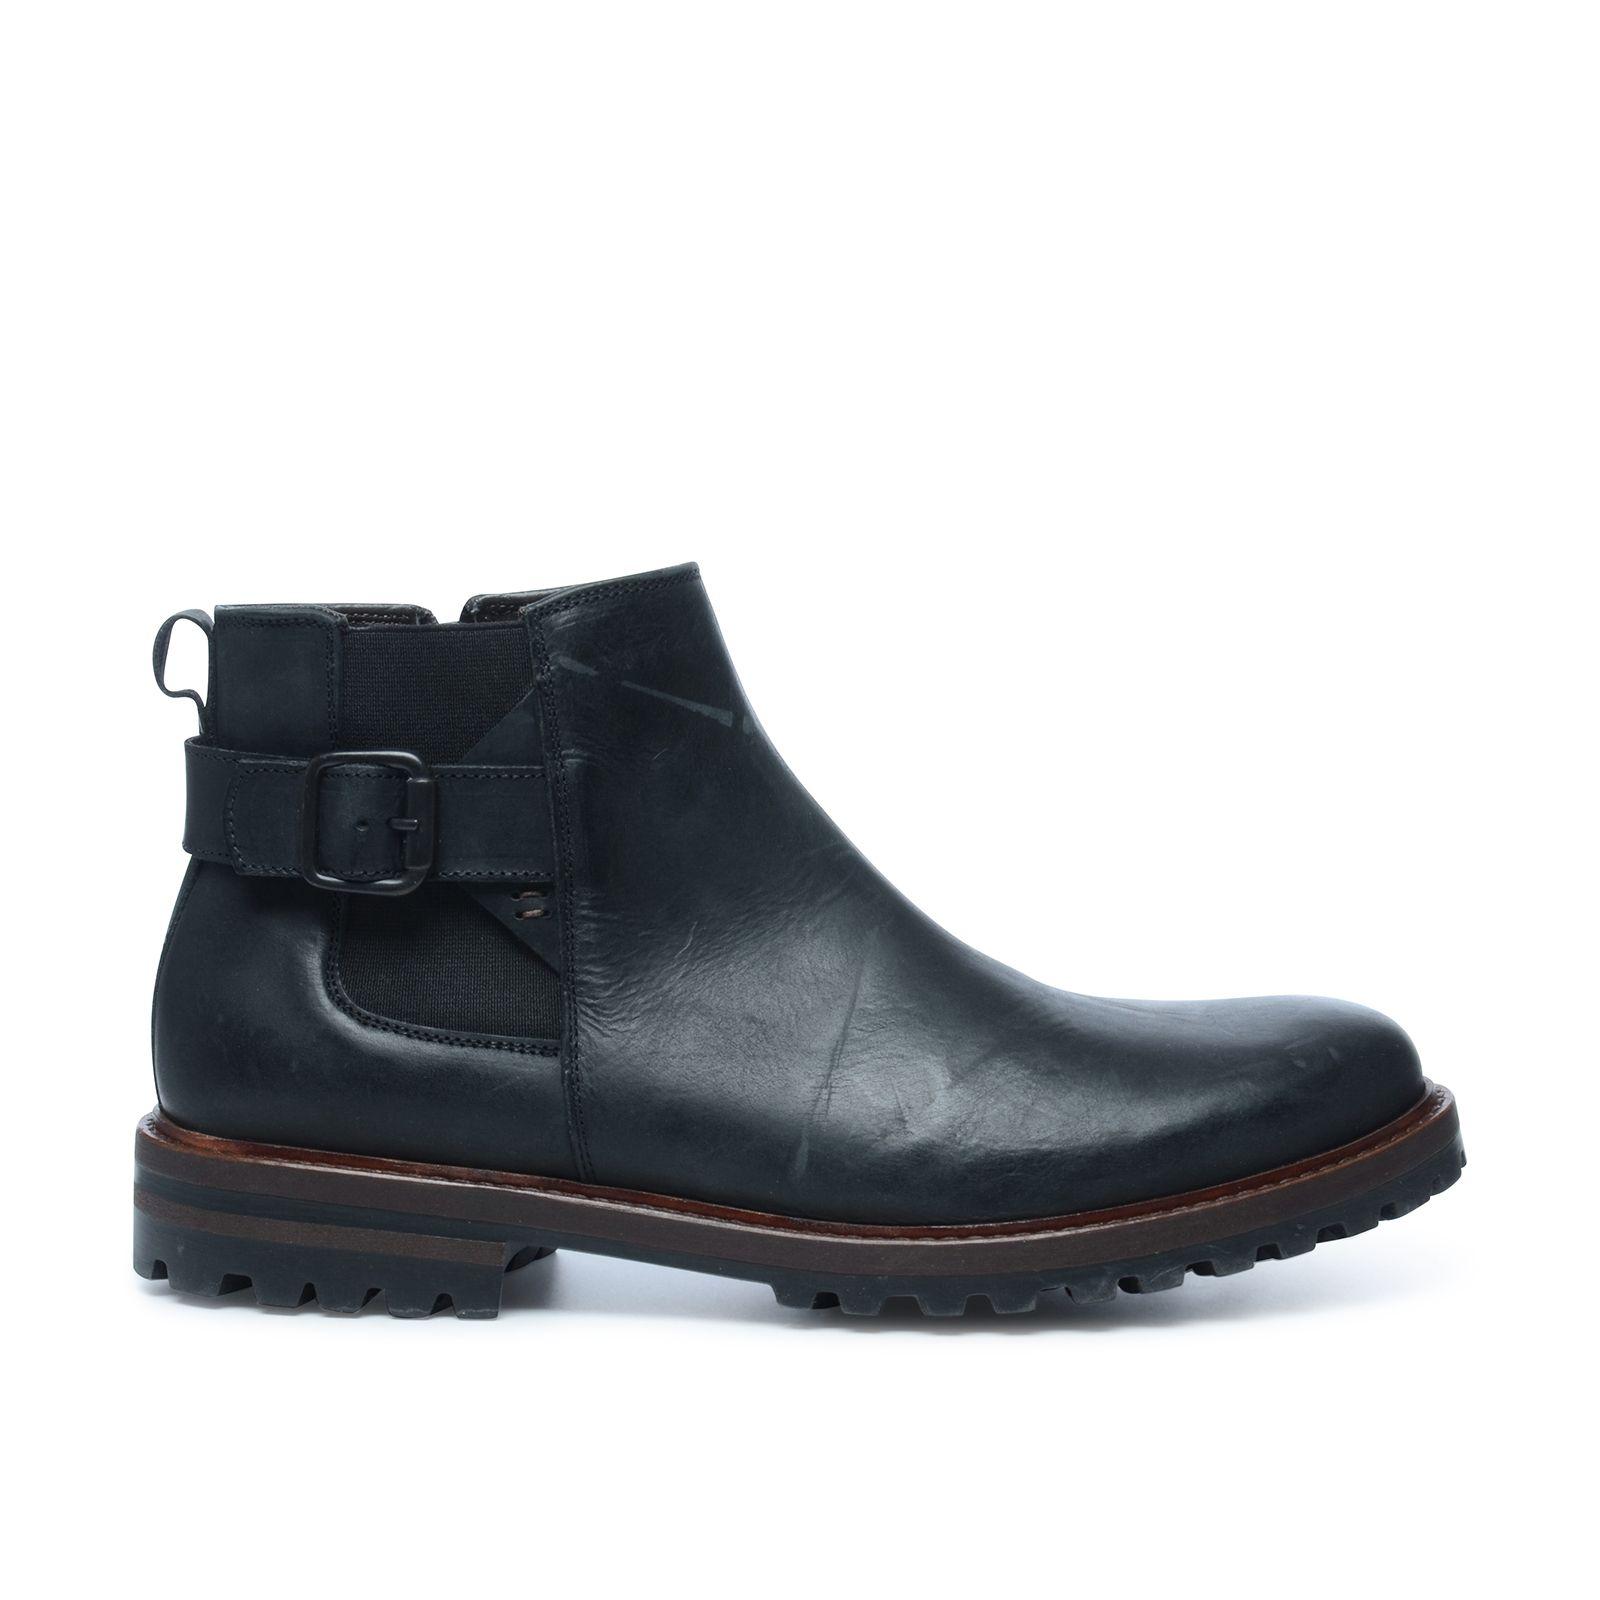 Chelsea boots avec boucle - noir    hommes    119.99    Sacha.be ... b07d150d9f2e